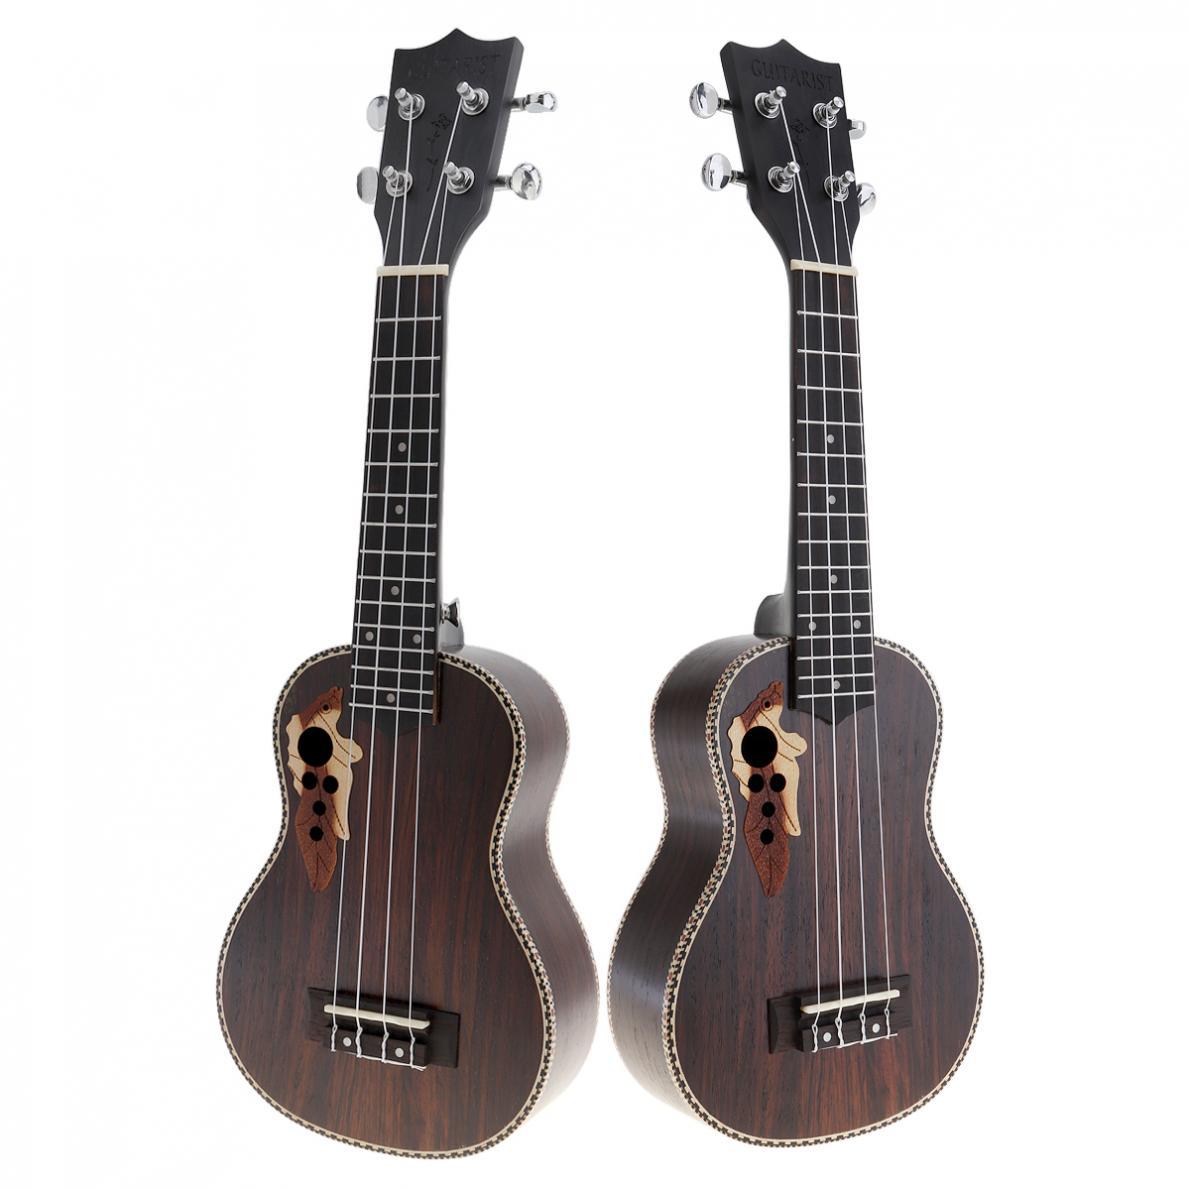 Ukulélé 21 pouces Soprano plein bois de rose acoustique ukulélé Uke 4 cordes Hawaii guitare Instrument de guitare avec chaîne italienne AQ